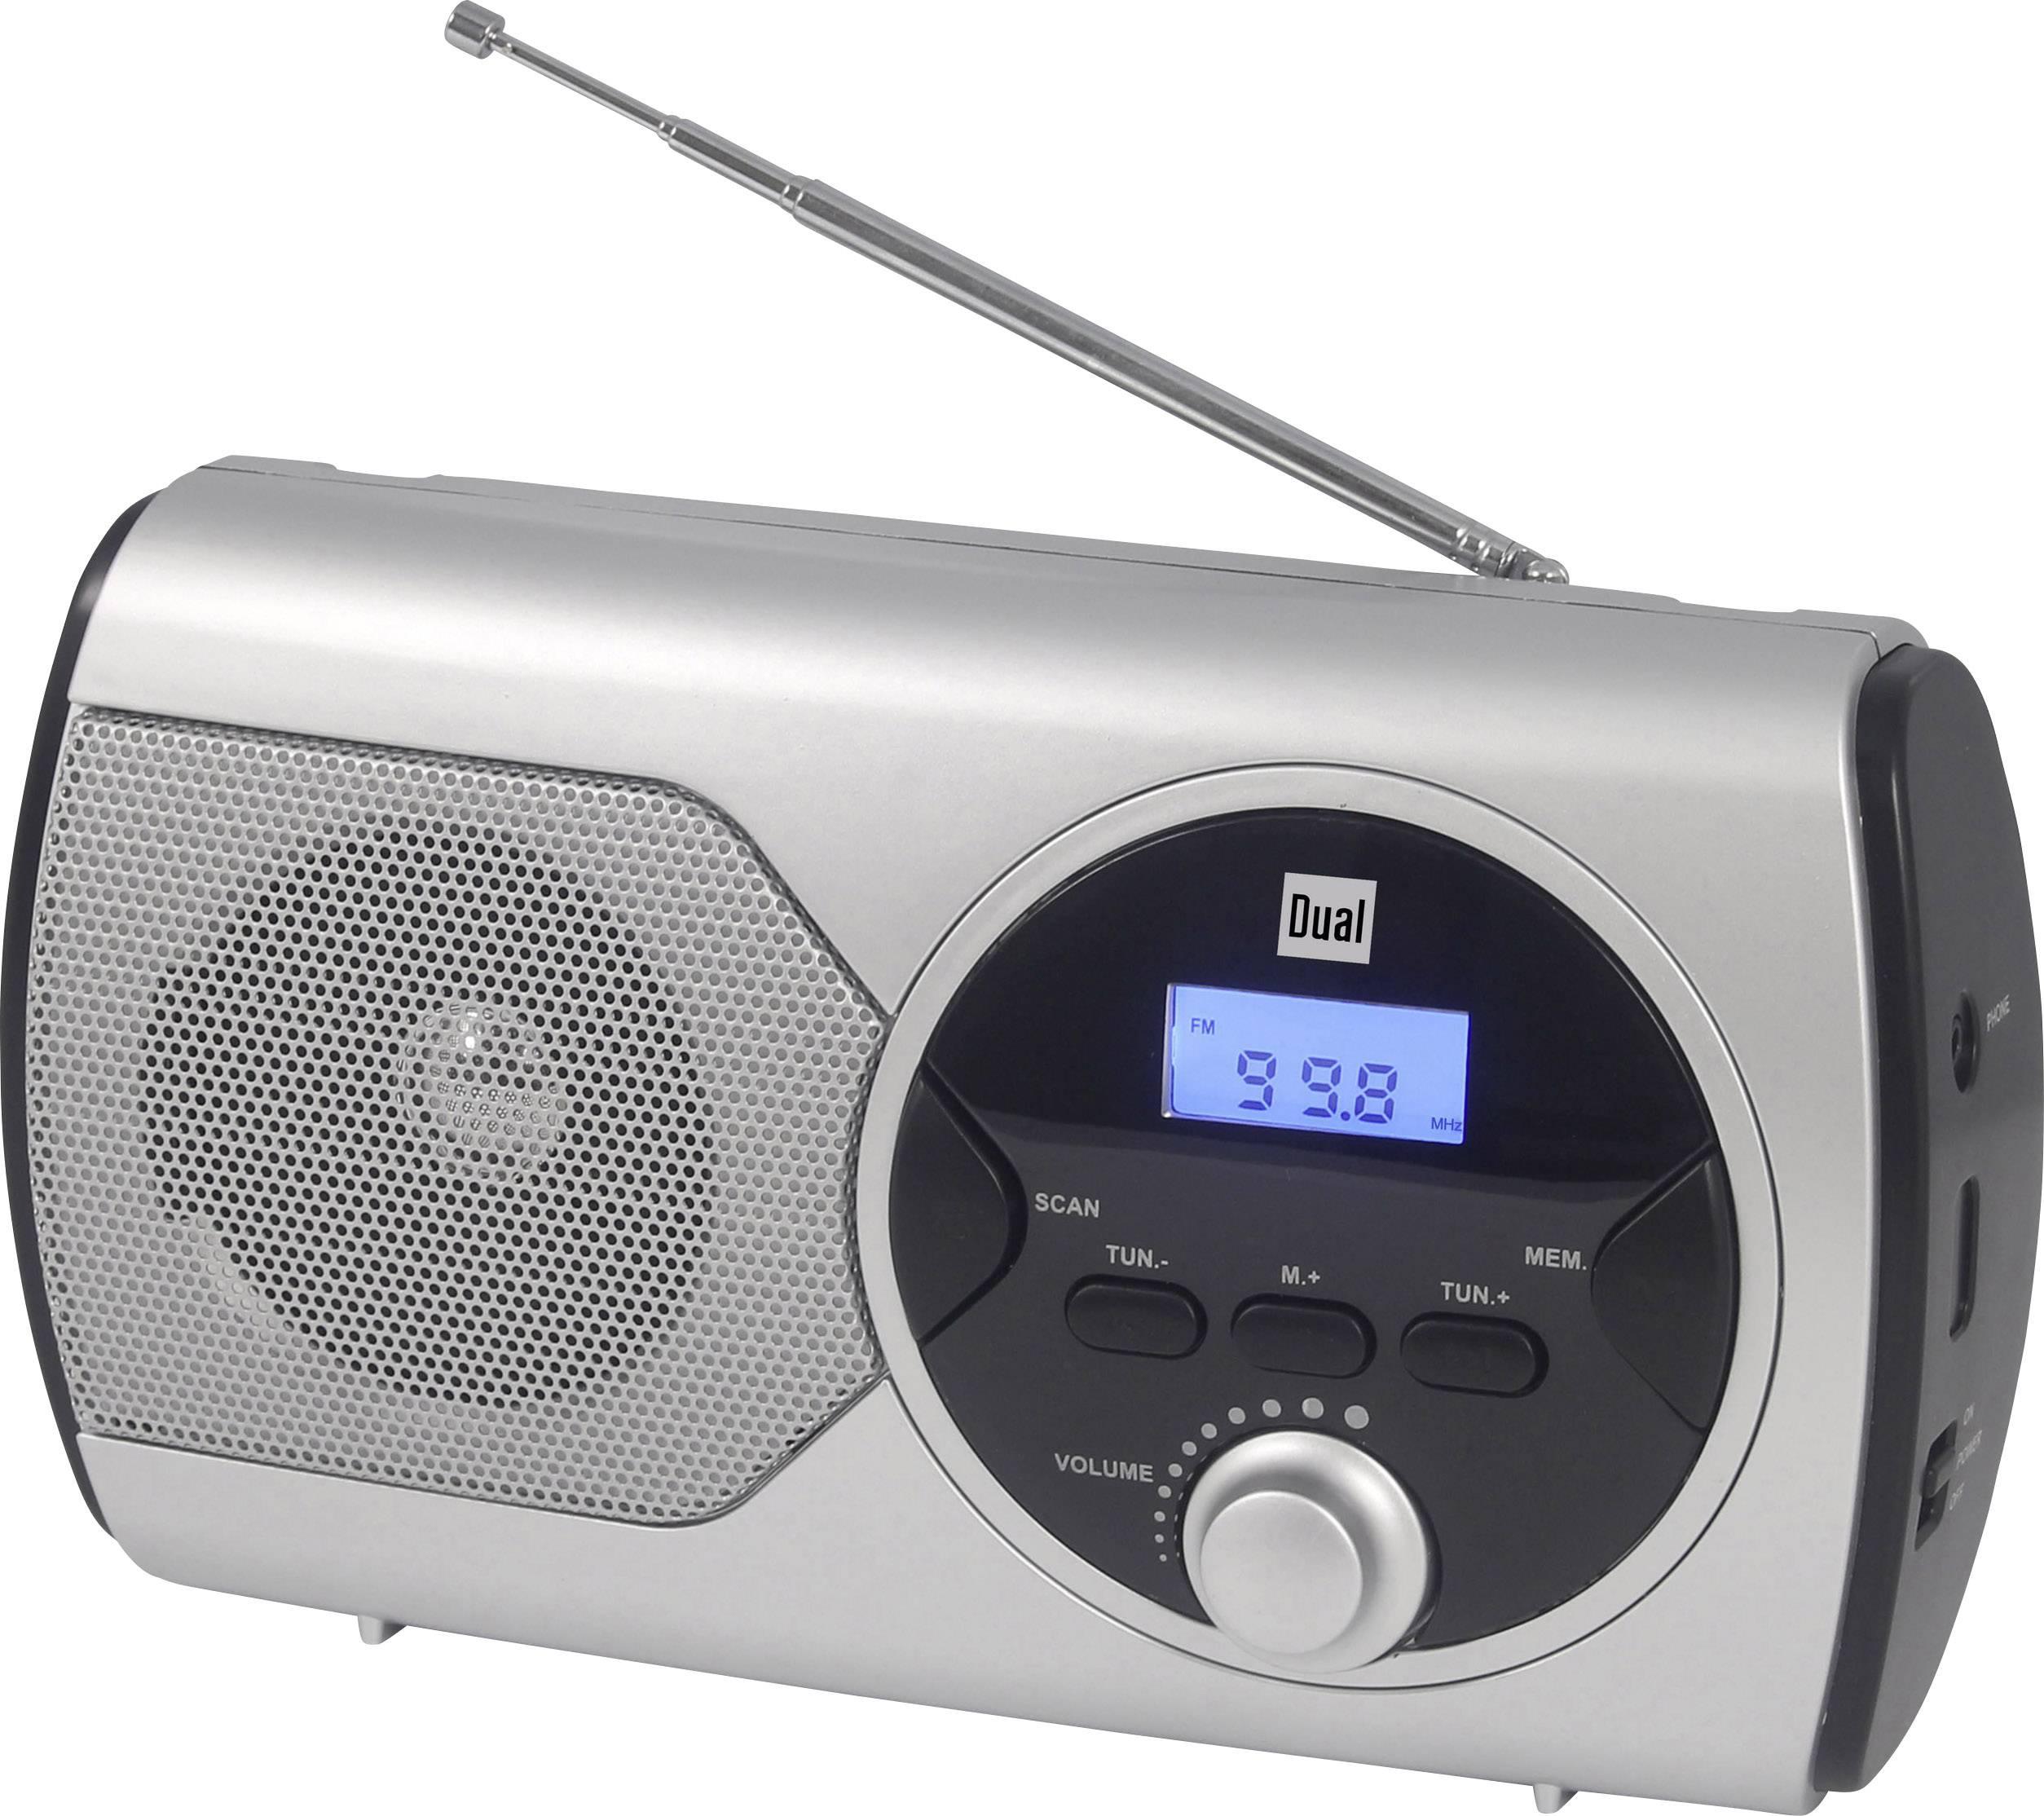 FM kapesní rádio Dual P 10, FM, stříbrná